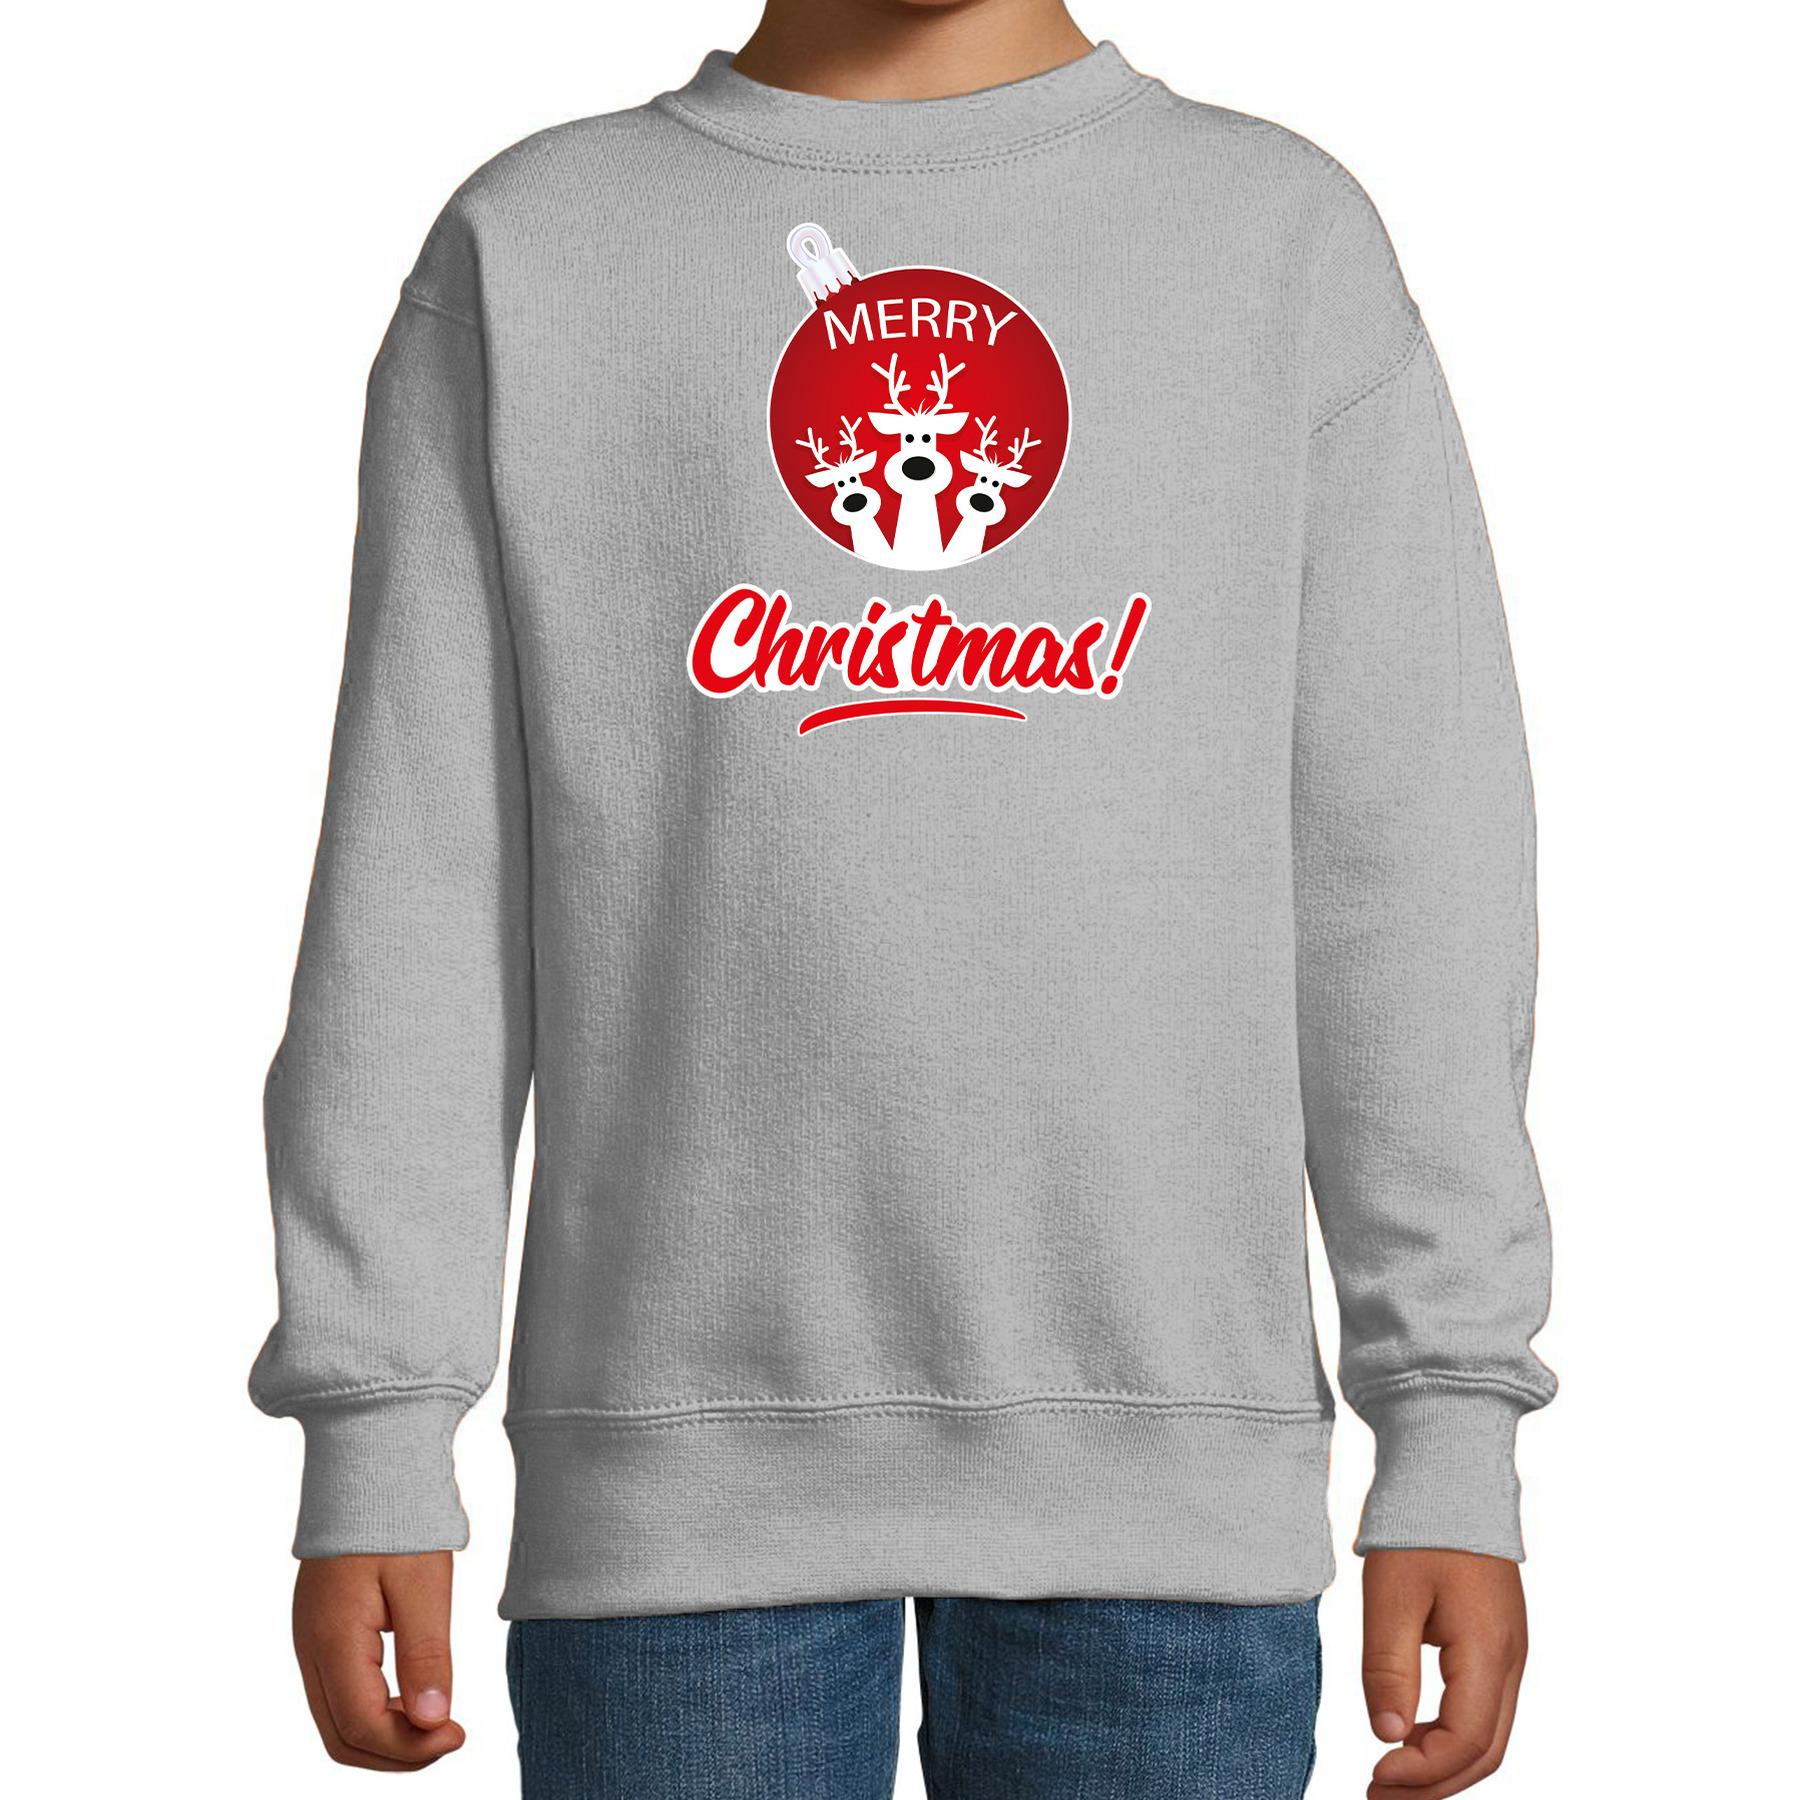 Rendier Kerstbal sweater - Kerst outfit Merry Christmas grijs voor kinderen